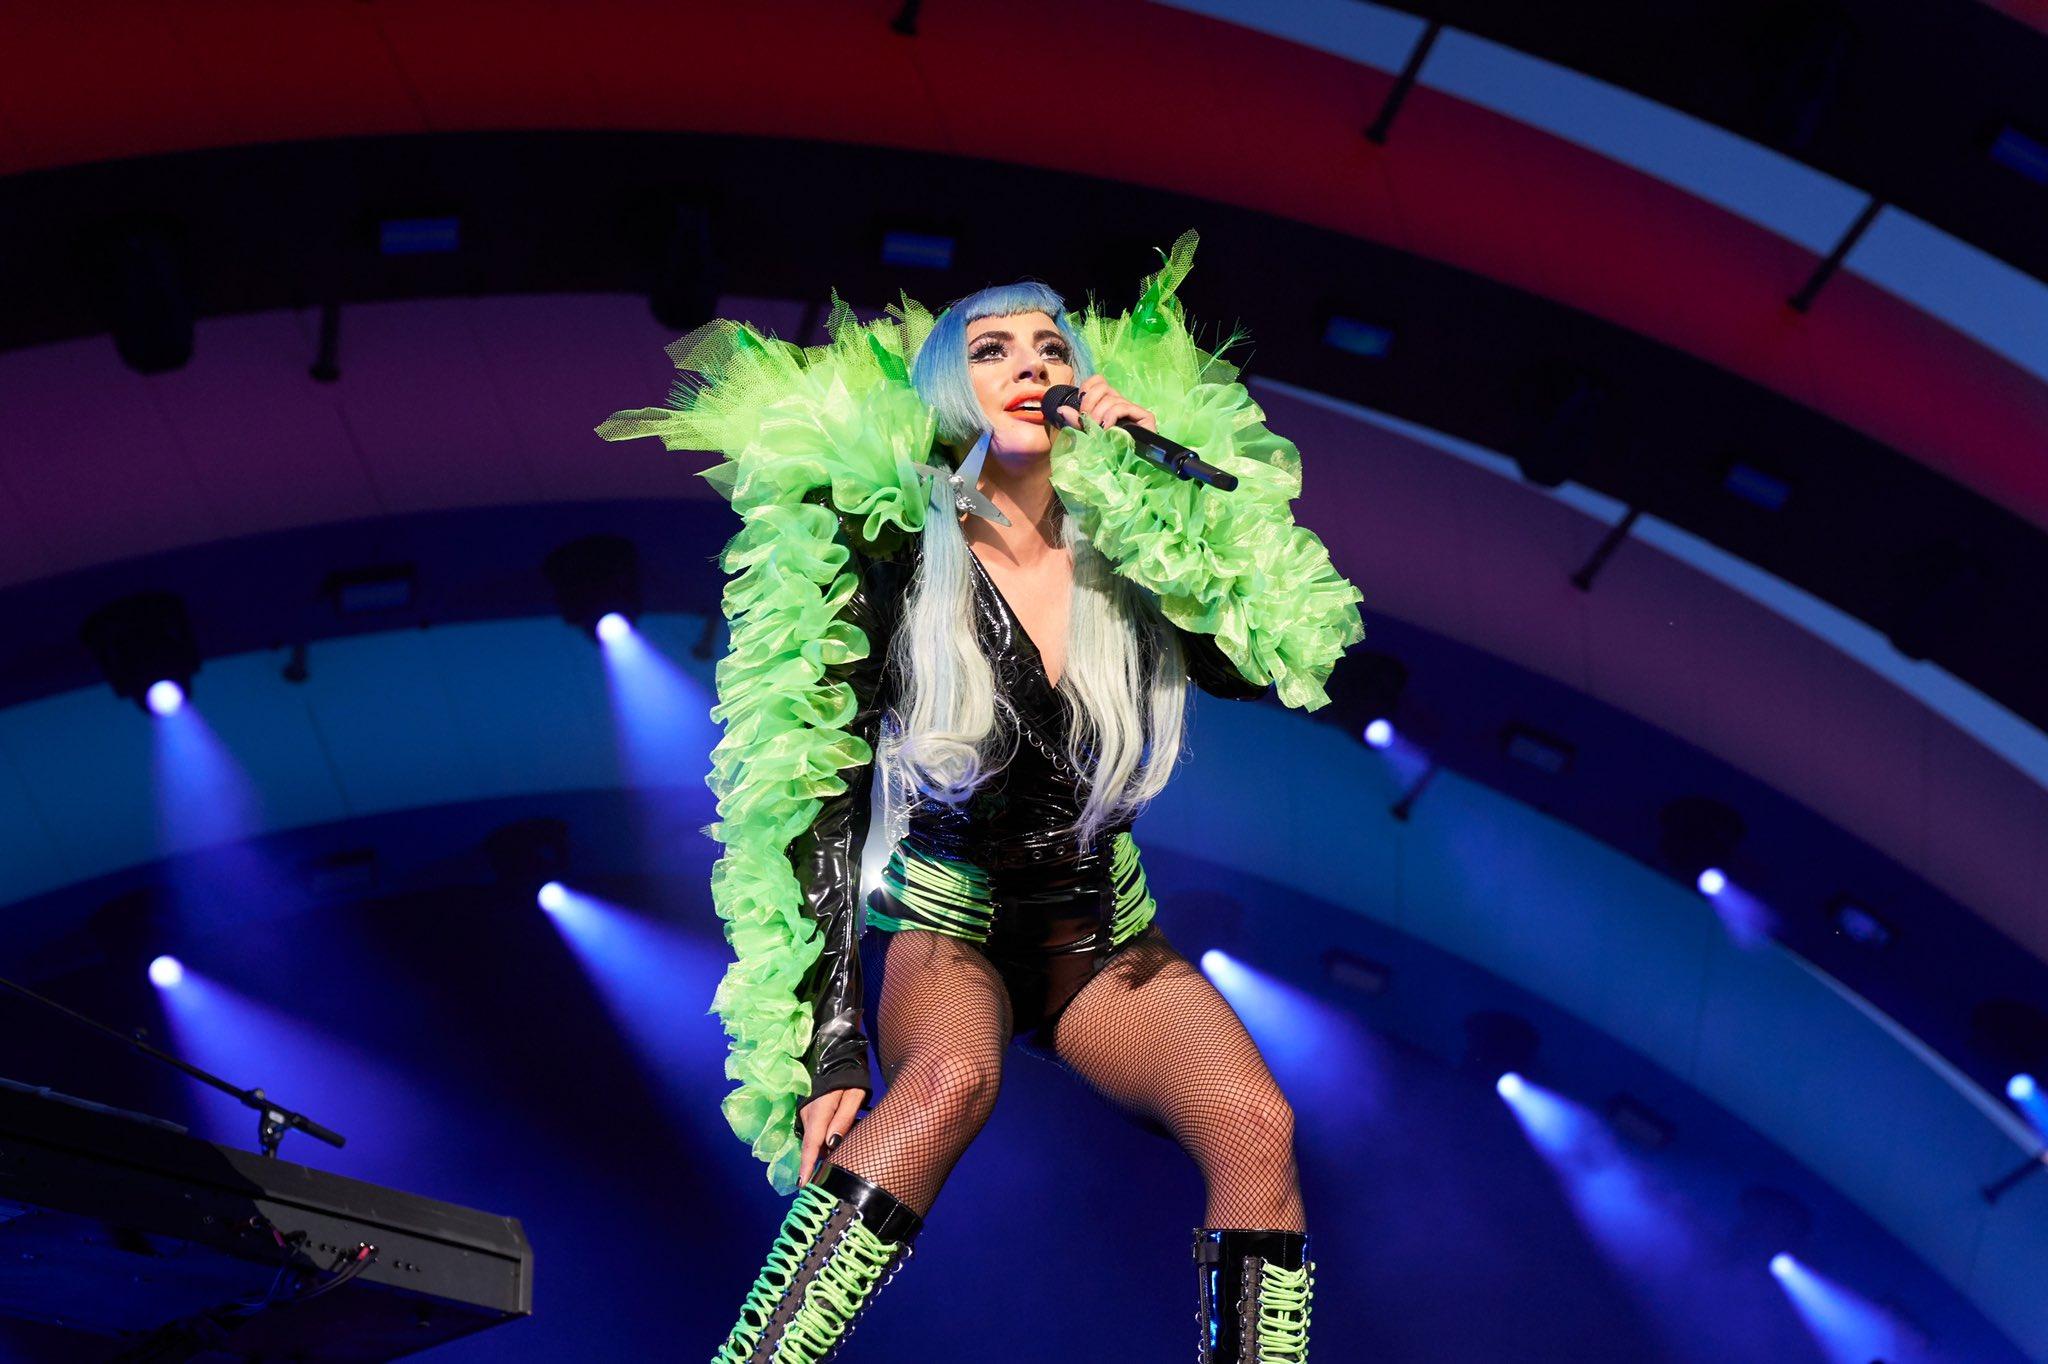 Lady Gaga cantando en el Apple Park (concierto de Apple, inauguración del Apple Park)